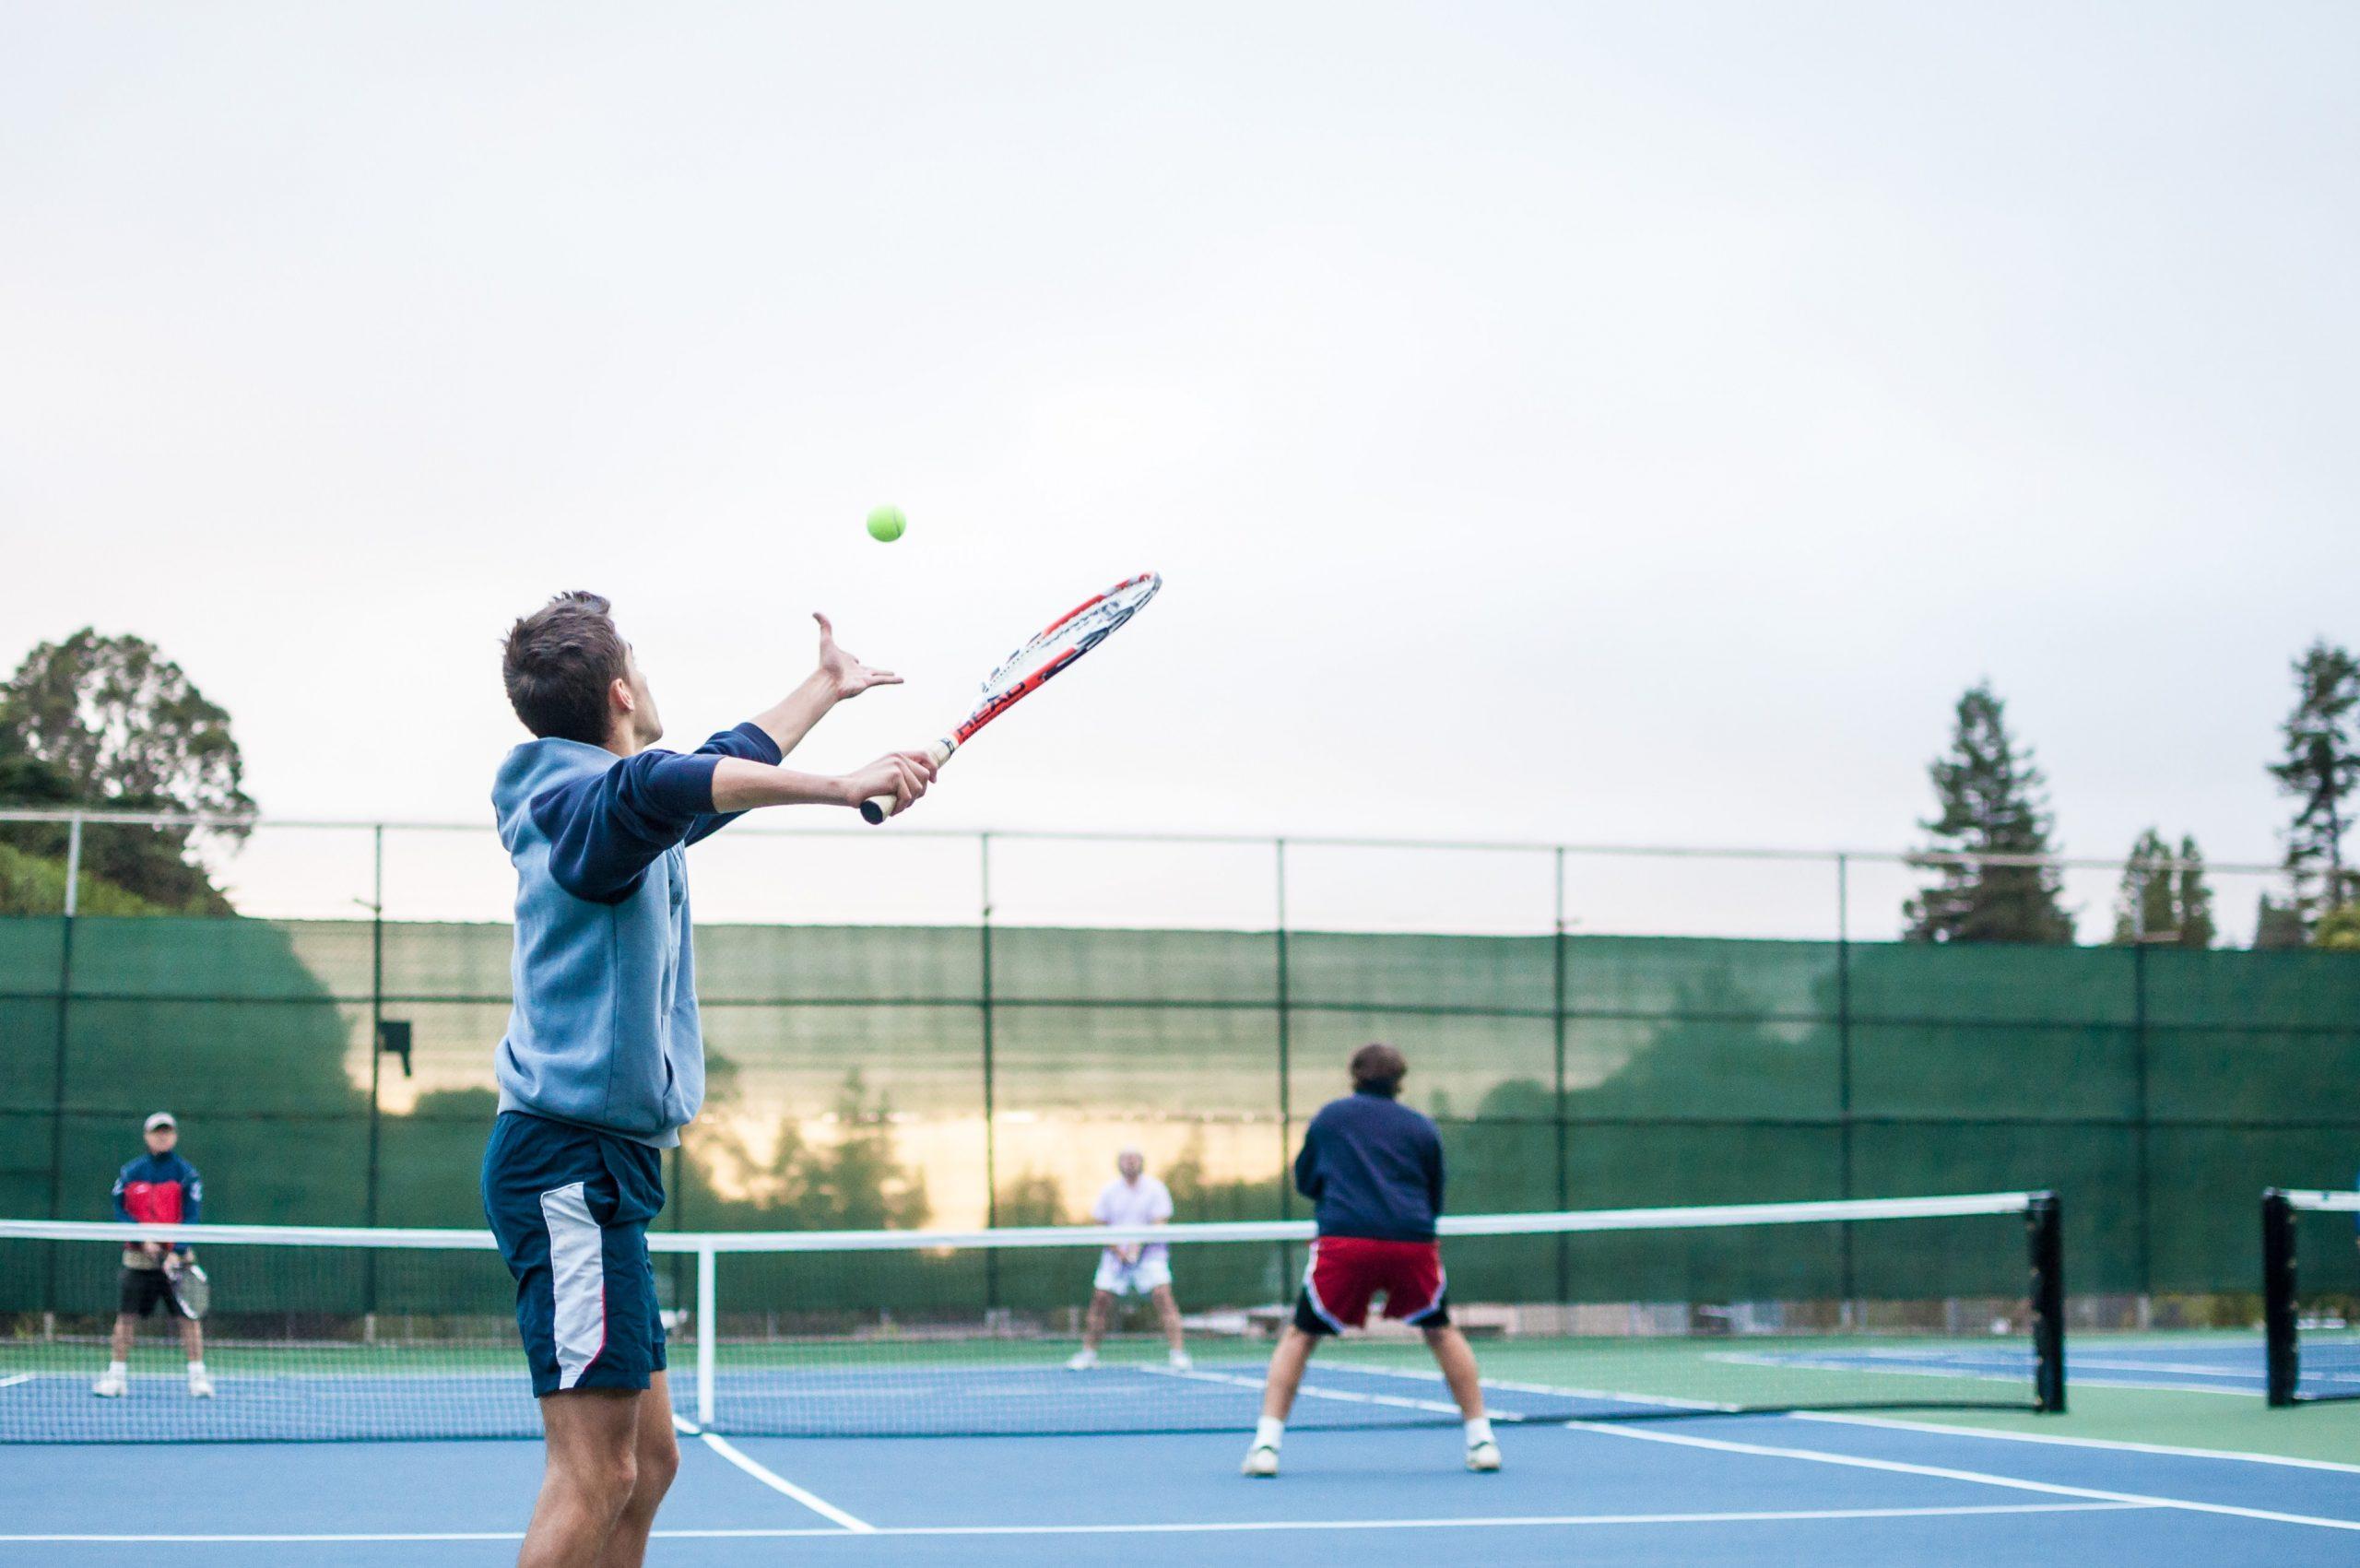 tennis training paulien vervoorn geloofwaardig spreken